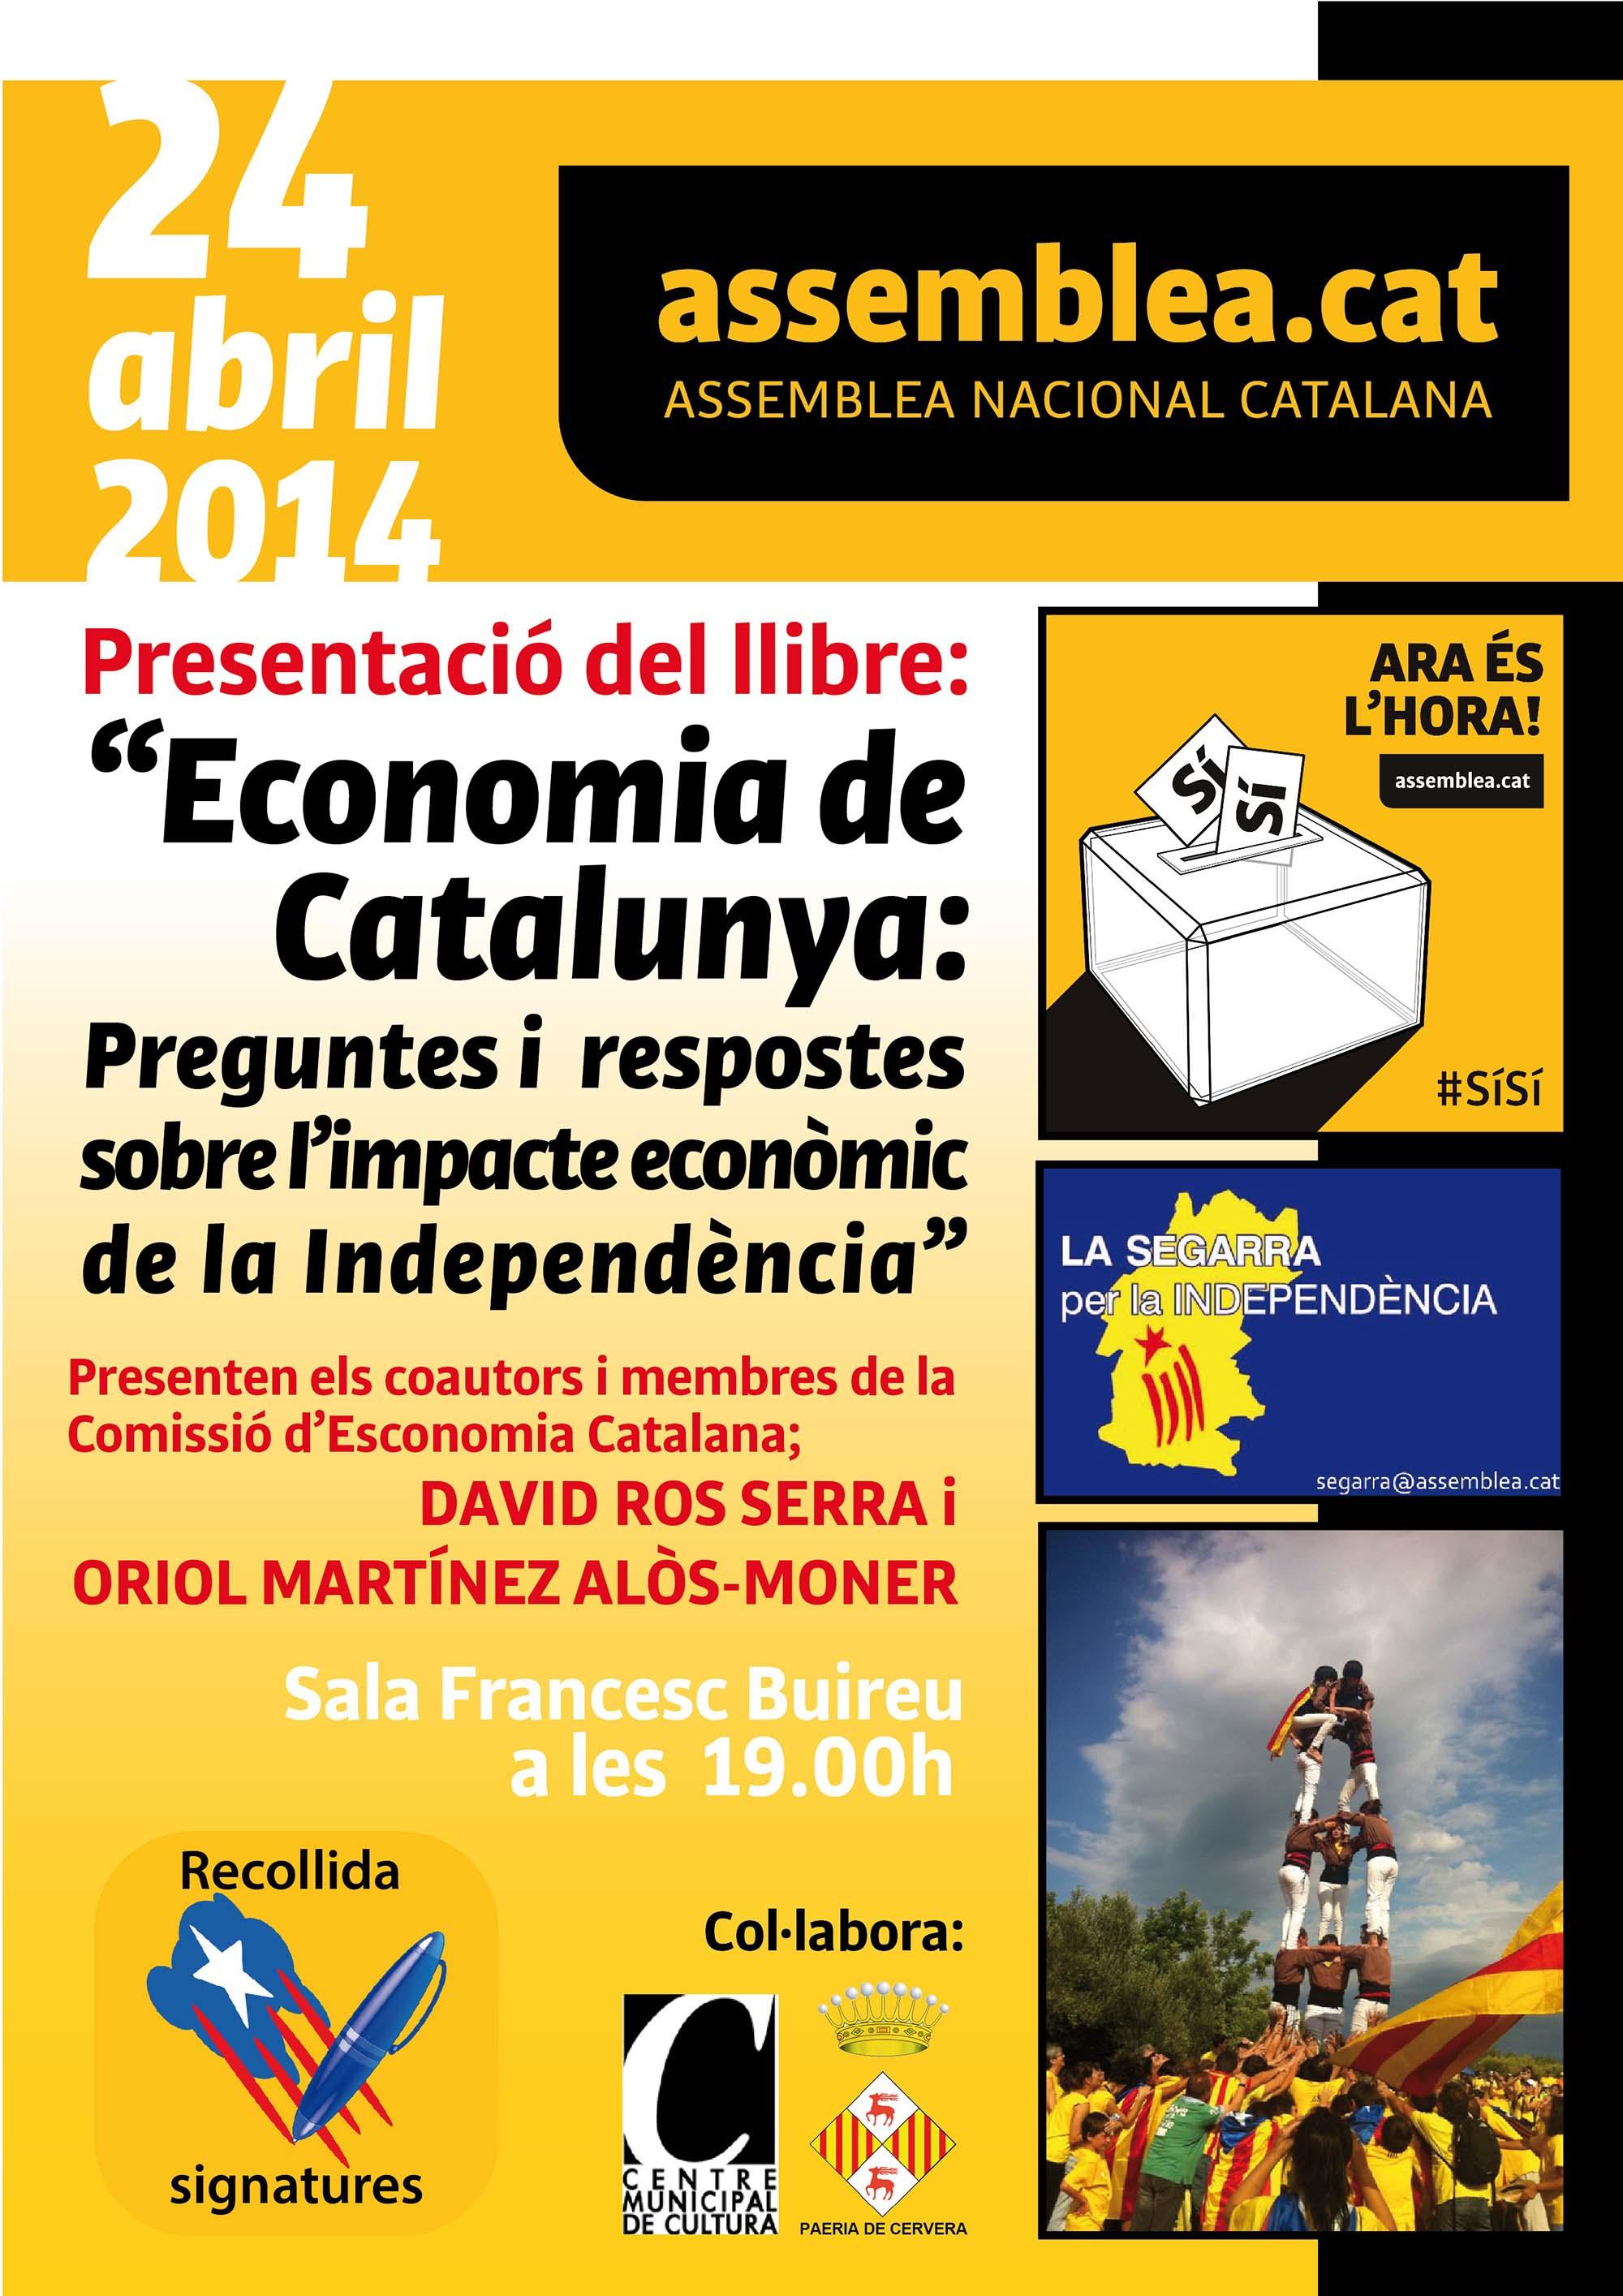 cartell presentació del llibre 'Economia de Catalunya'